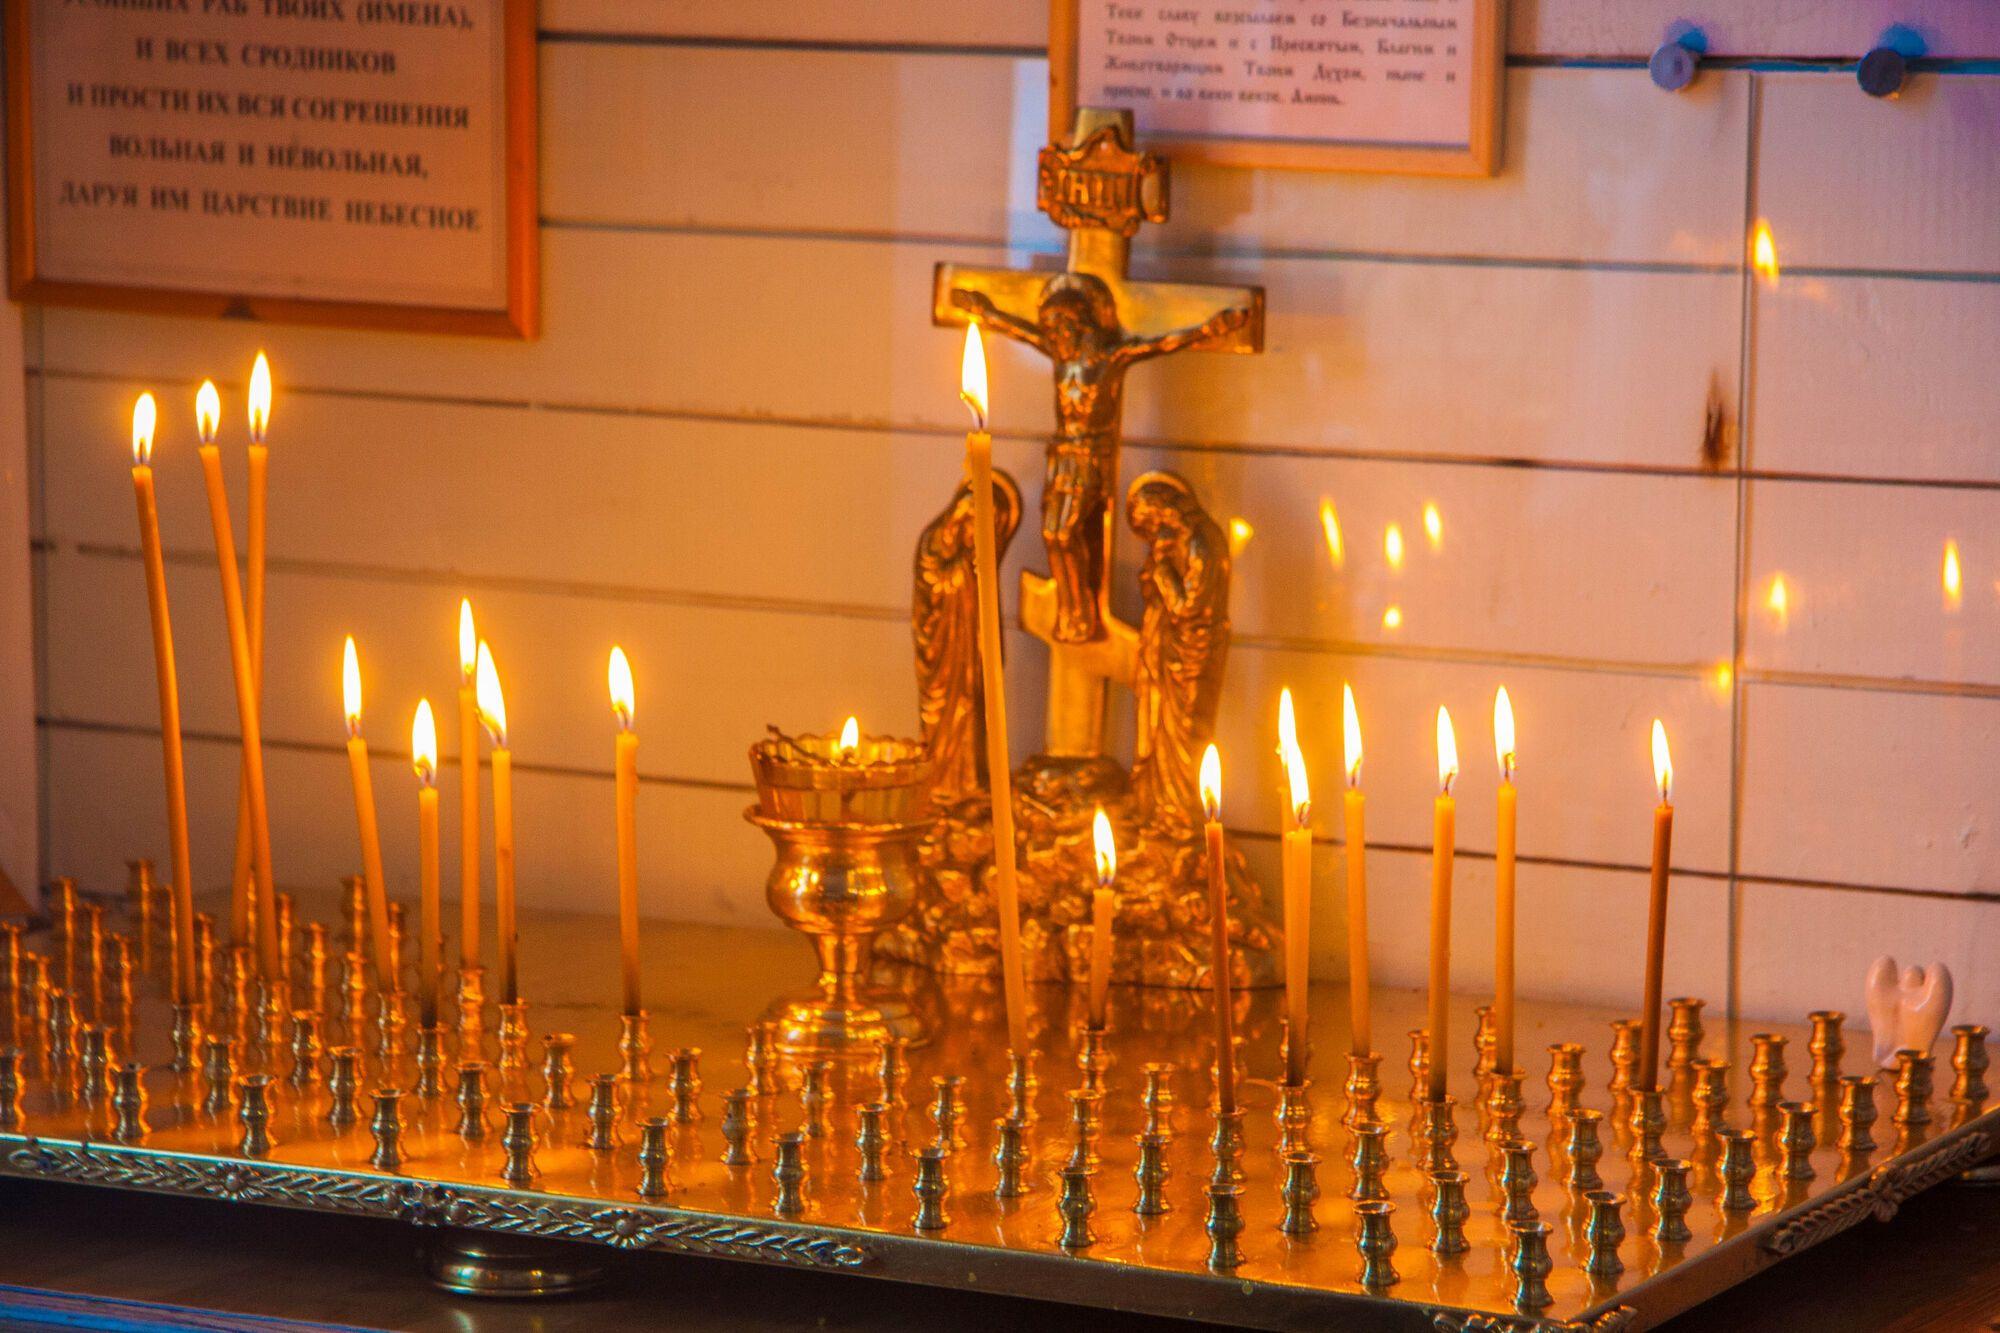 Радоница 2018: НаКубани отмечают день поминовения усопших